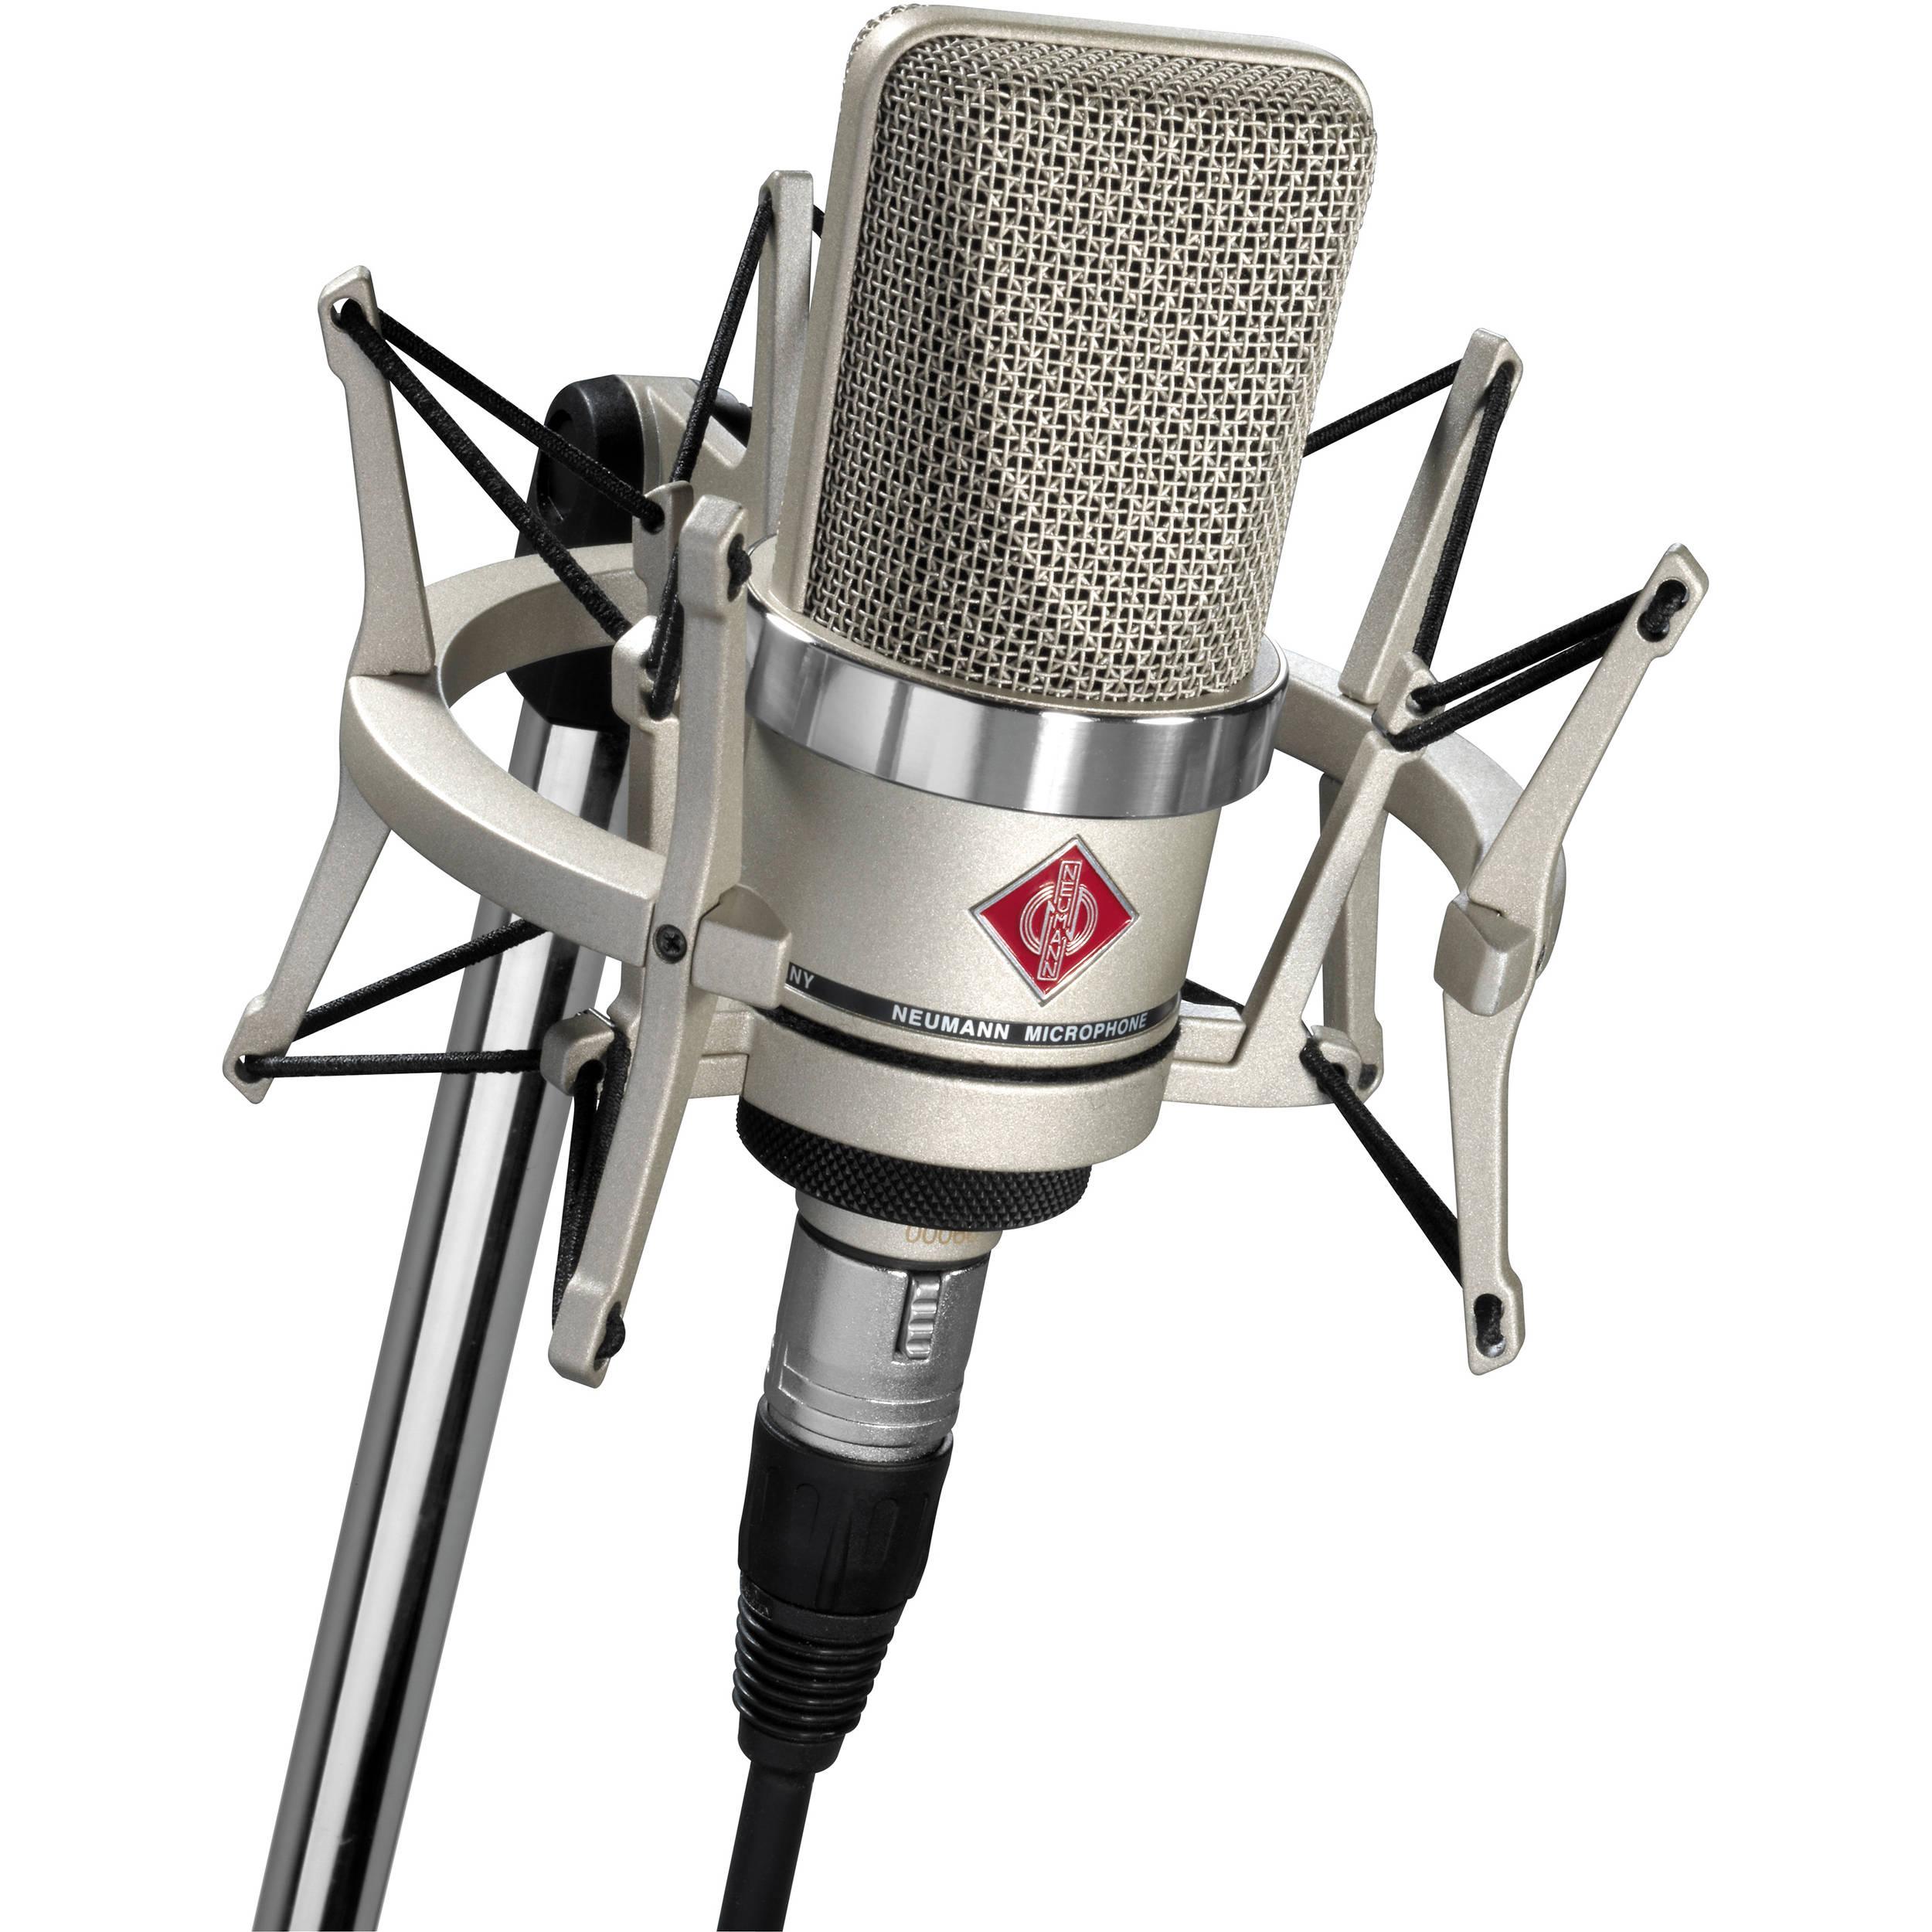 Condenser Microphone Neumann TLM 102